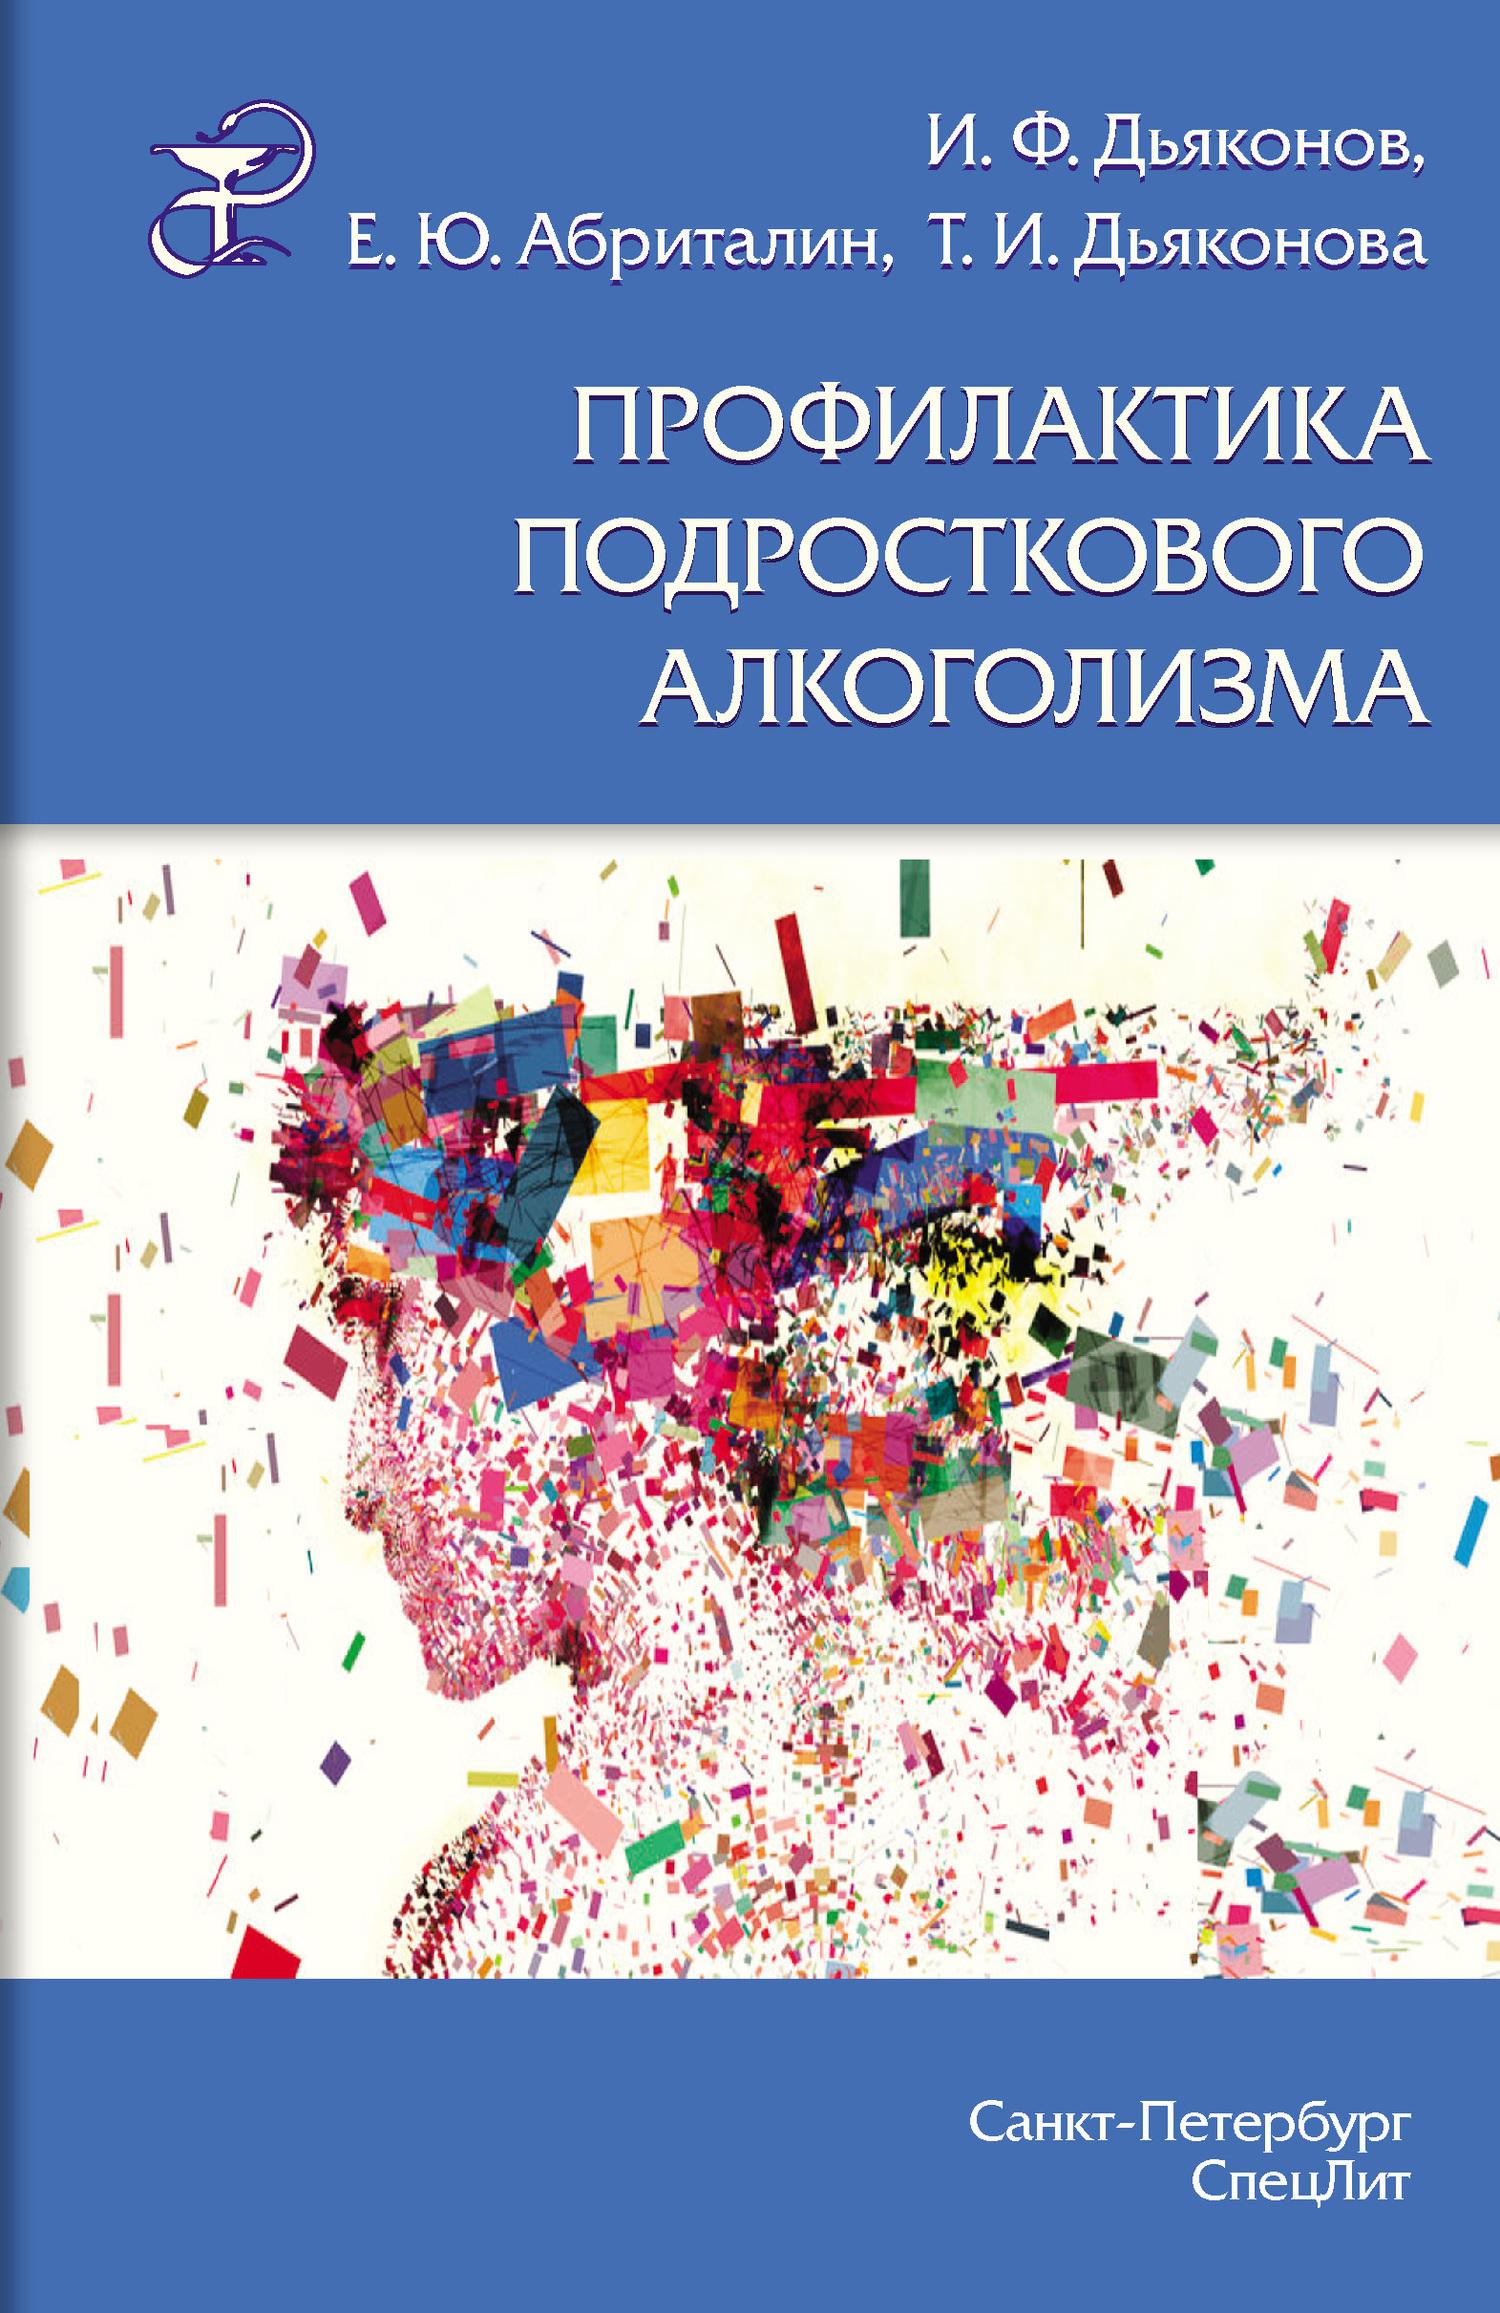 Е. Абриталин, Татьяна Дьяконова - Профилактика подросткового алкоголизма